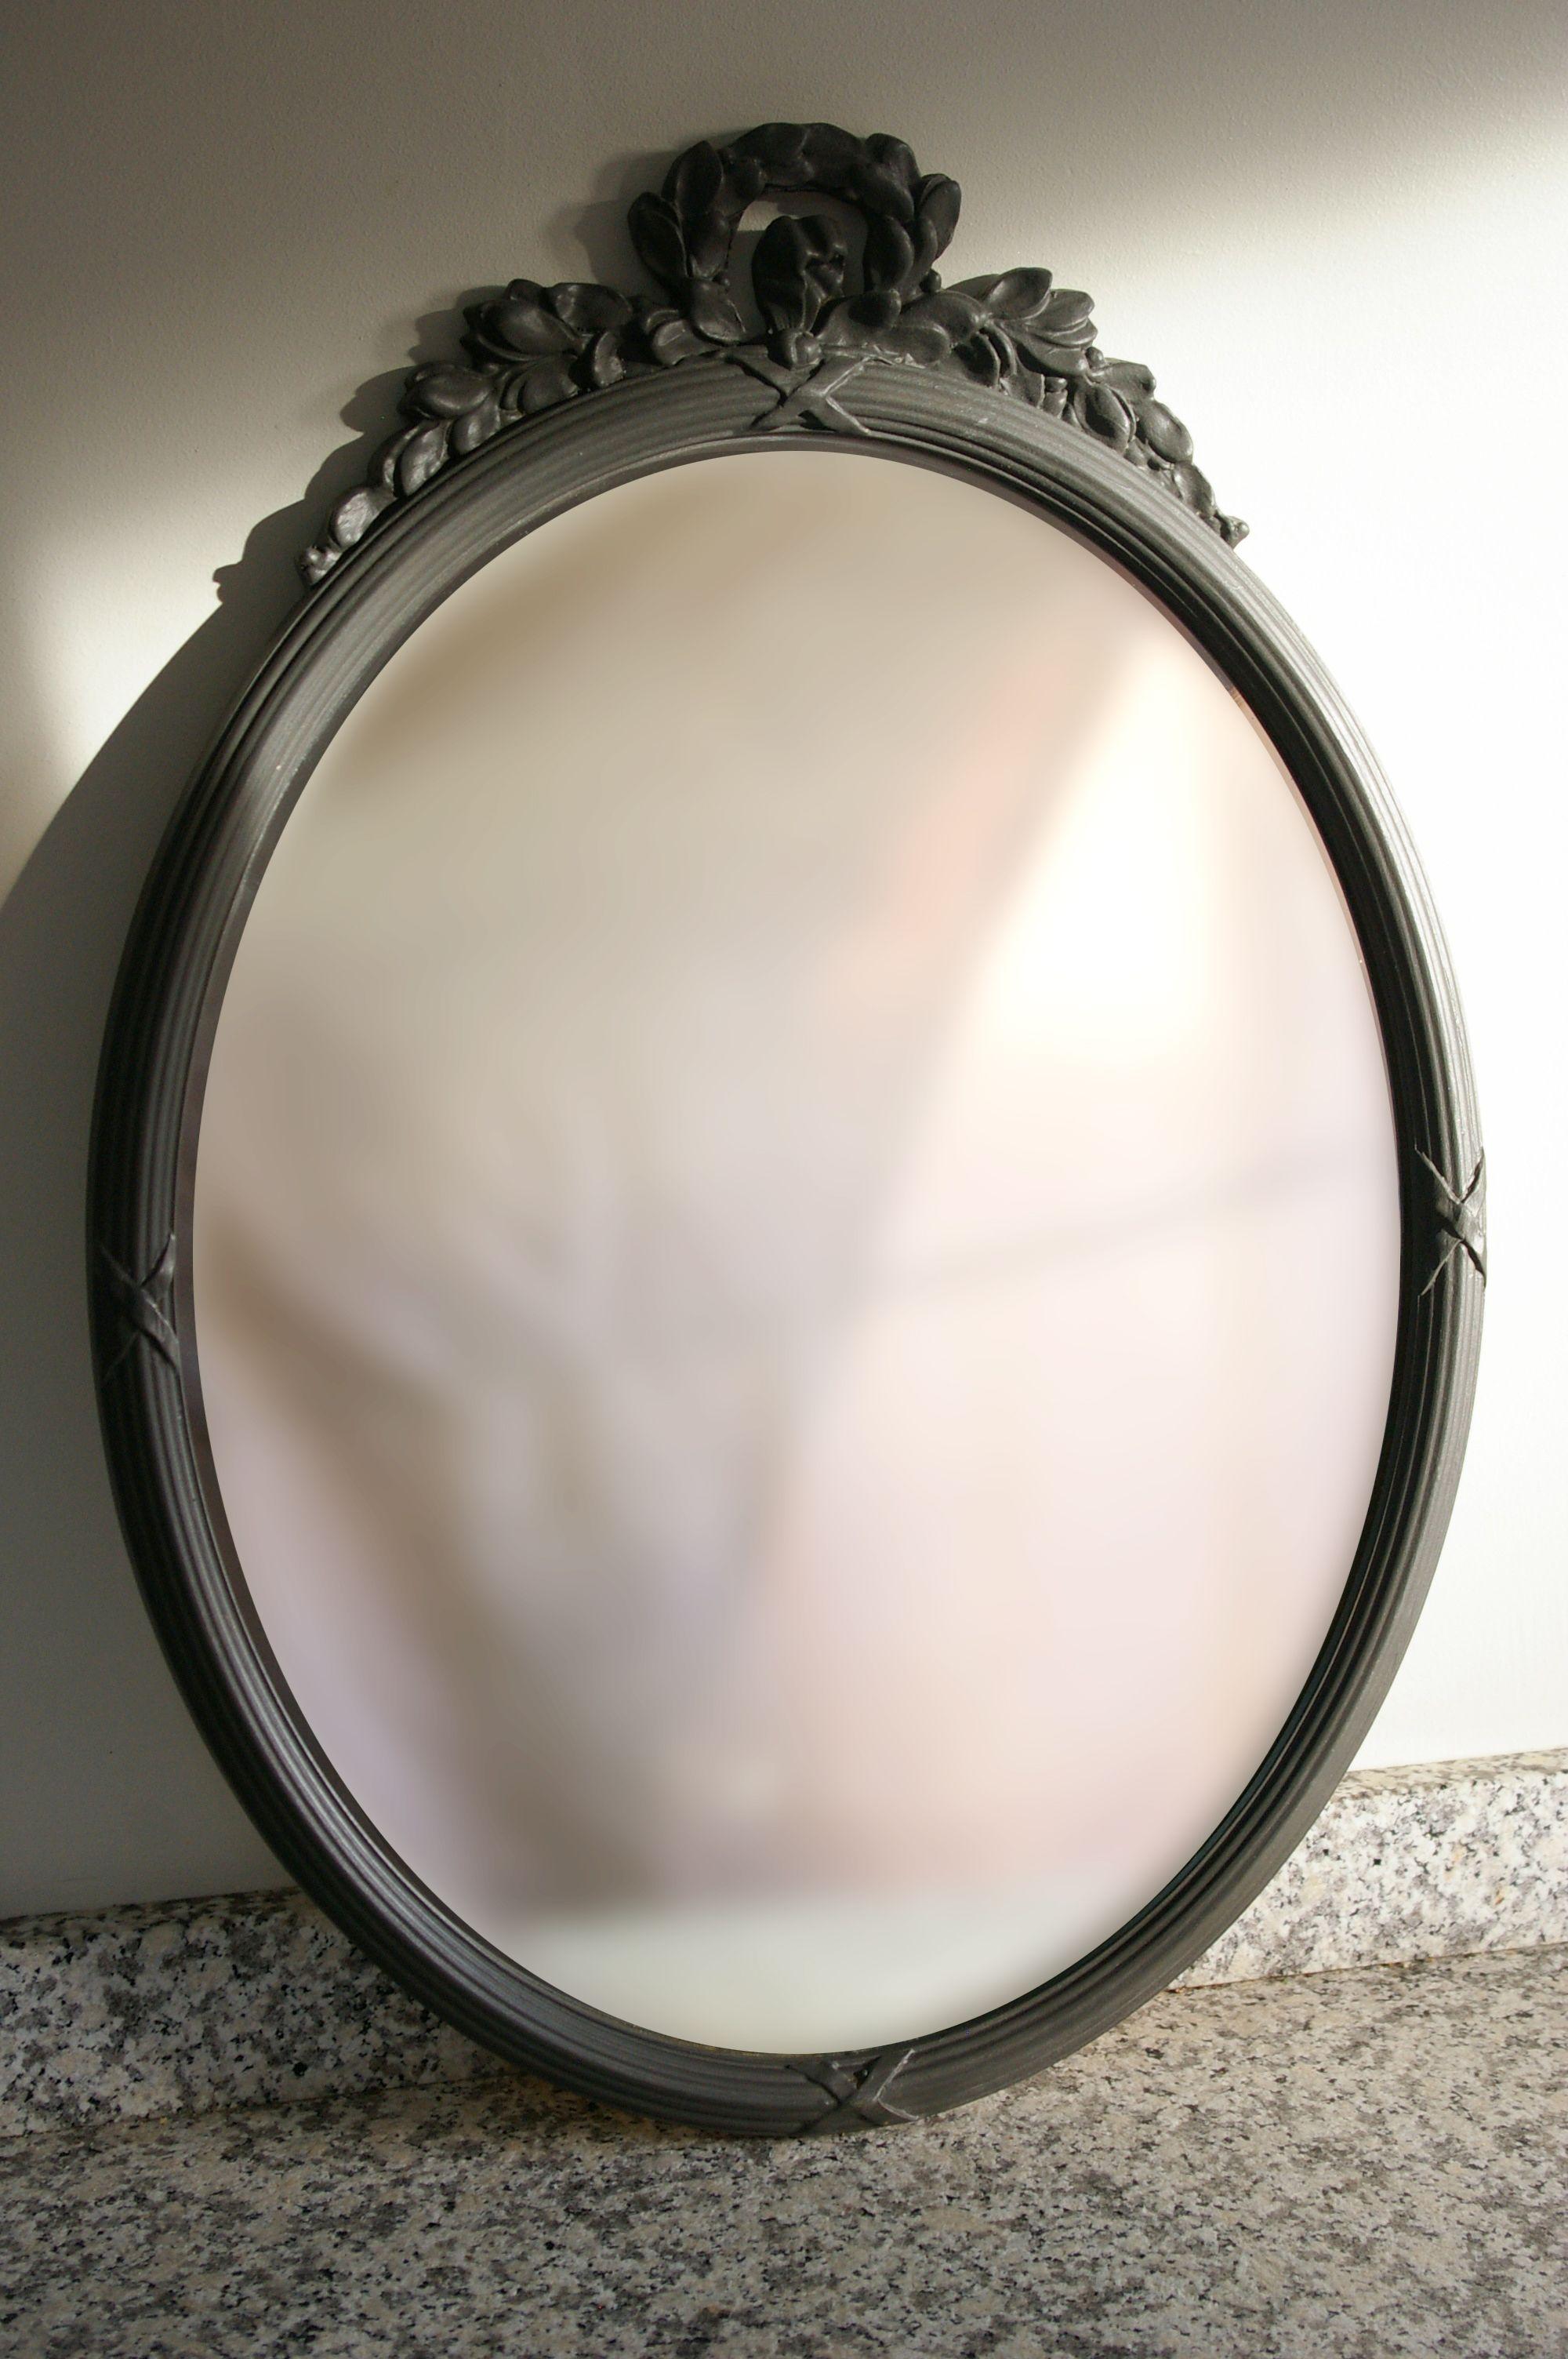 Brocante Zwarte Spiegel.Ovale Brocante Spiegel Spiegels Brocante Spiegel